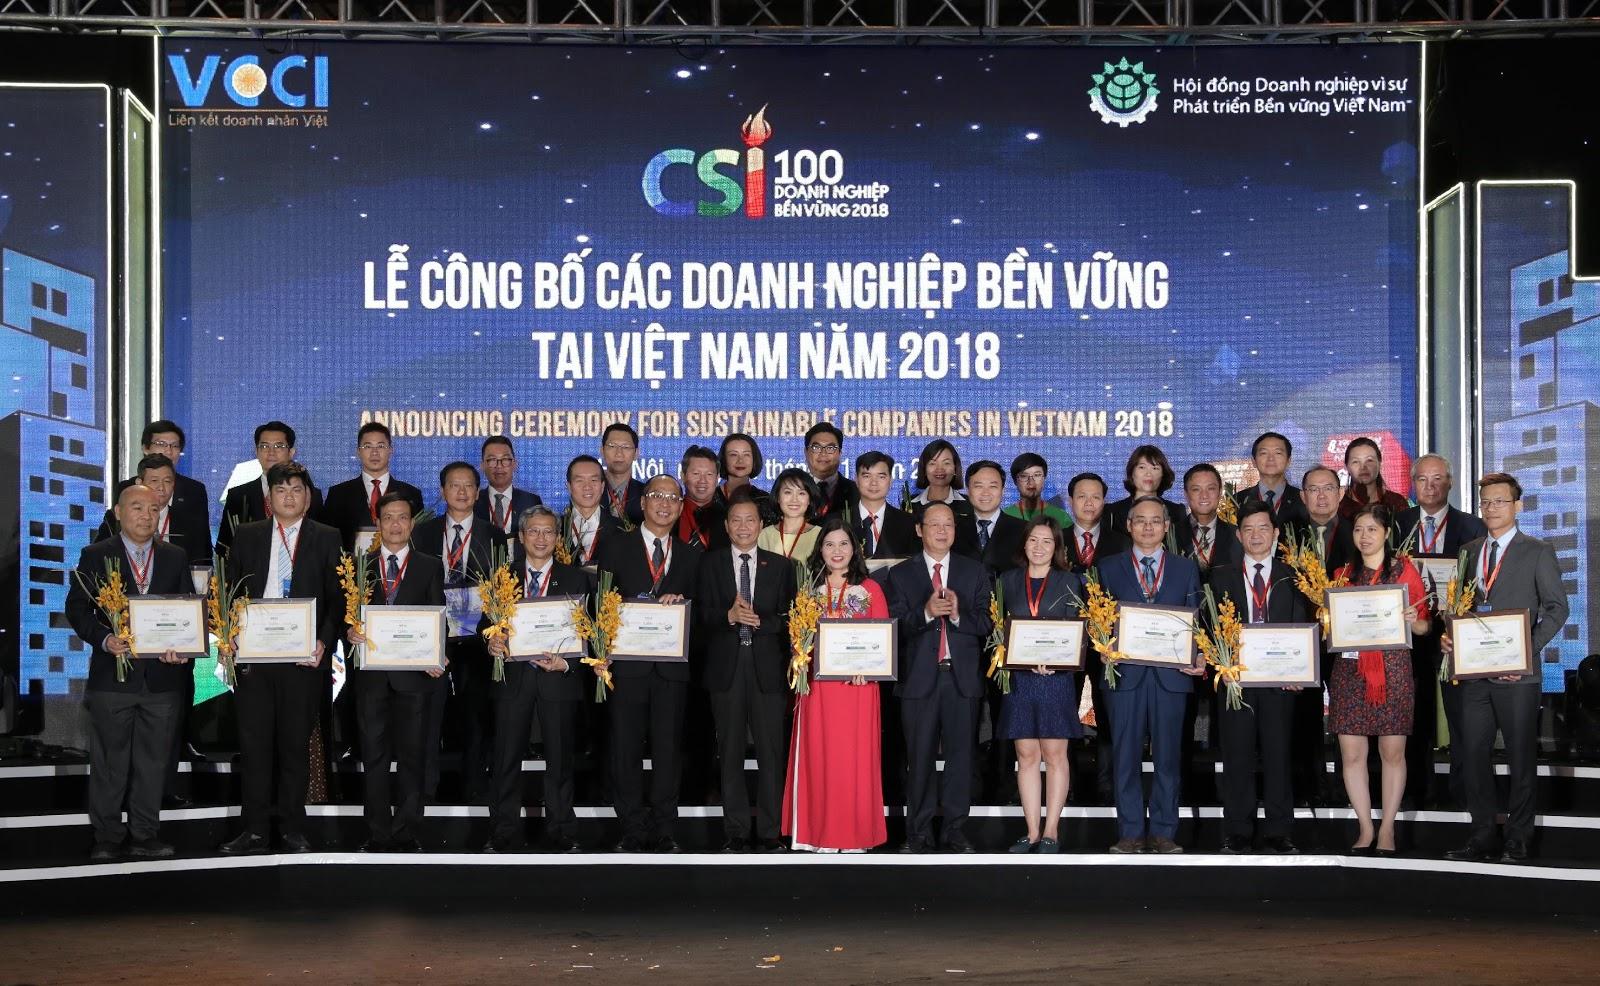 Dược phẩm Tâm Bình được vinh danh Top 100 Doanh nghiệp bền vững 2018 - Ảnh 1